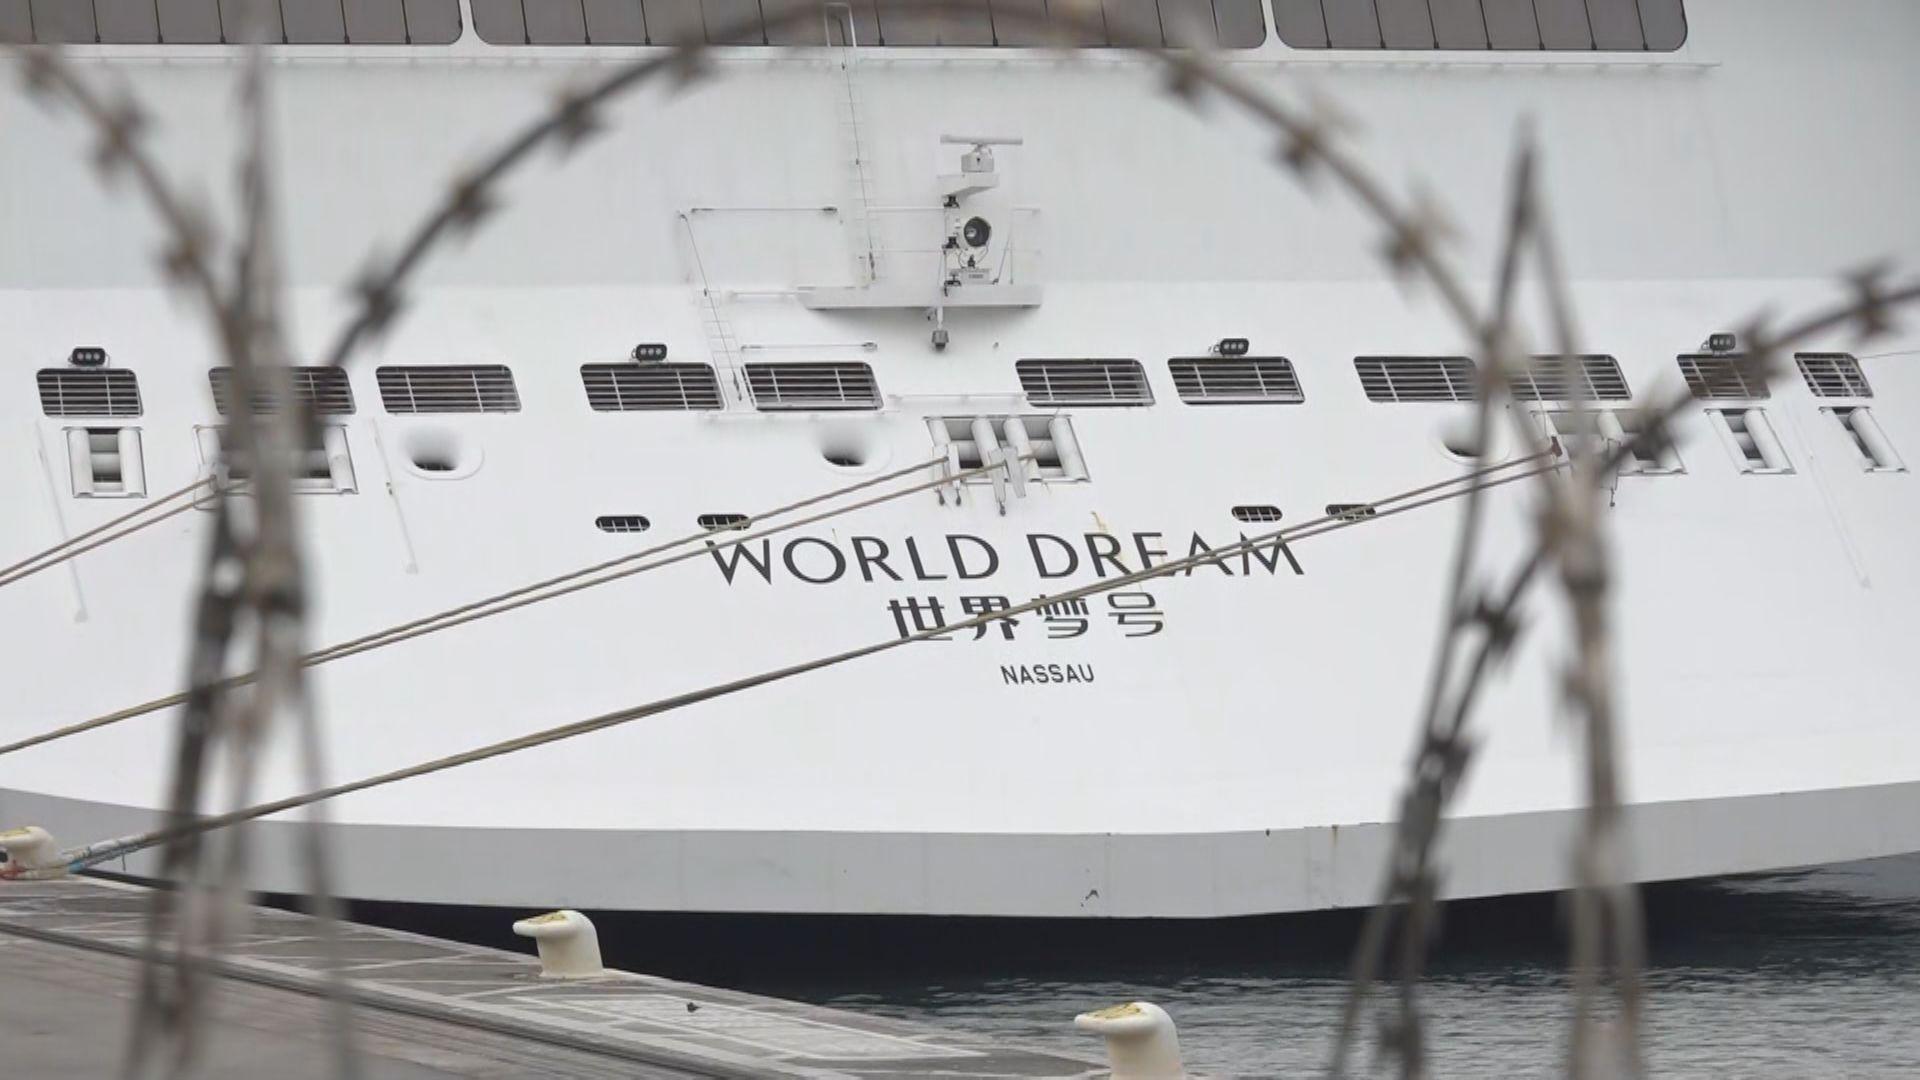 世界夢號船員對病毒呈陰性 乘客將可落船